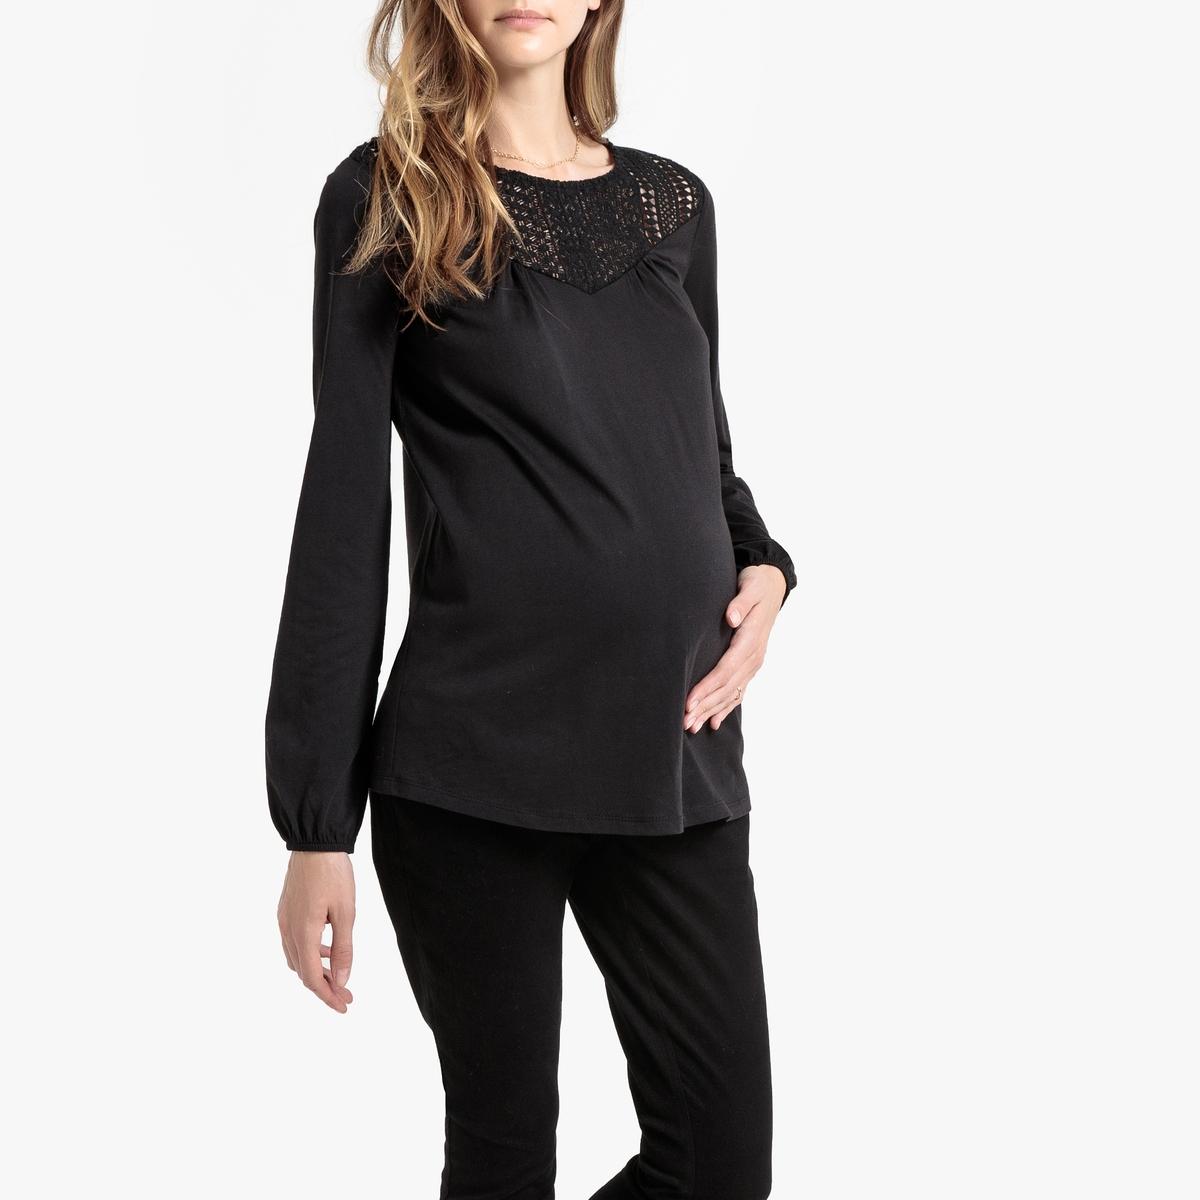 Фото - Футболка LaRedoute Для периода беременности с кружевом и длинными рукавами S черный блузка с рисунком и длинными рукавами для периода беременности